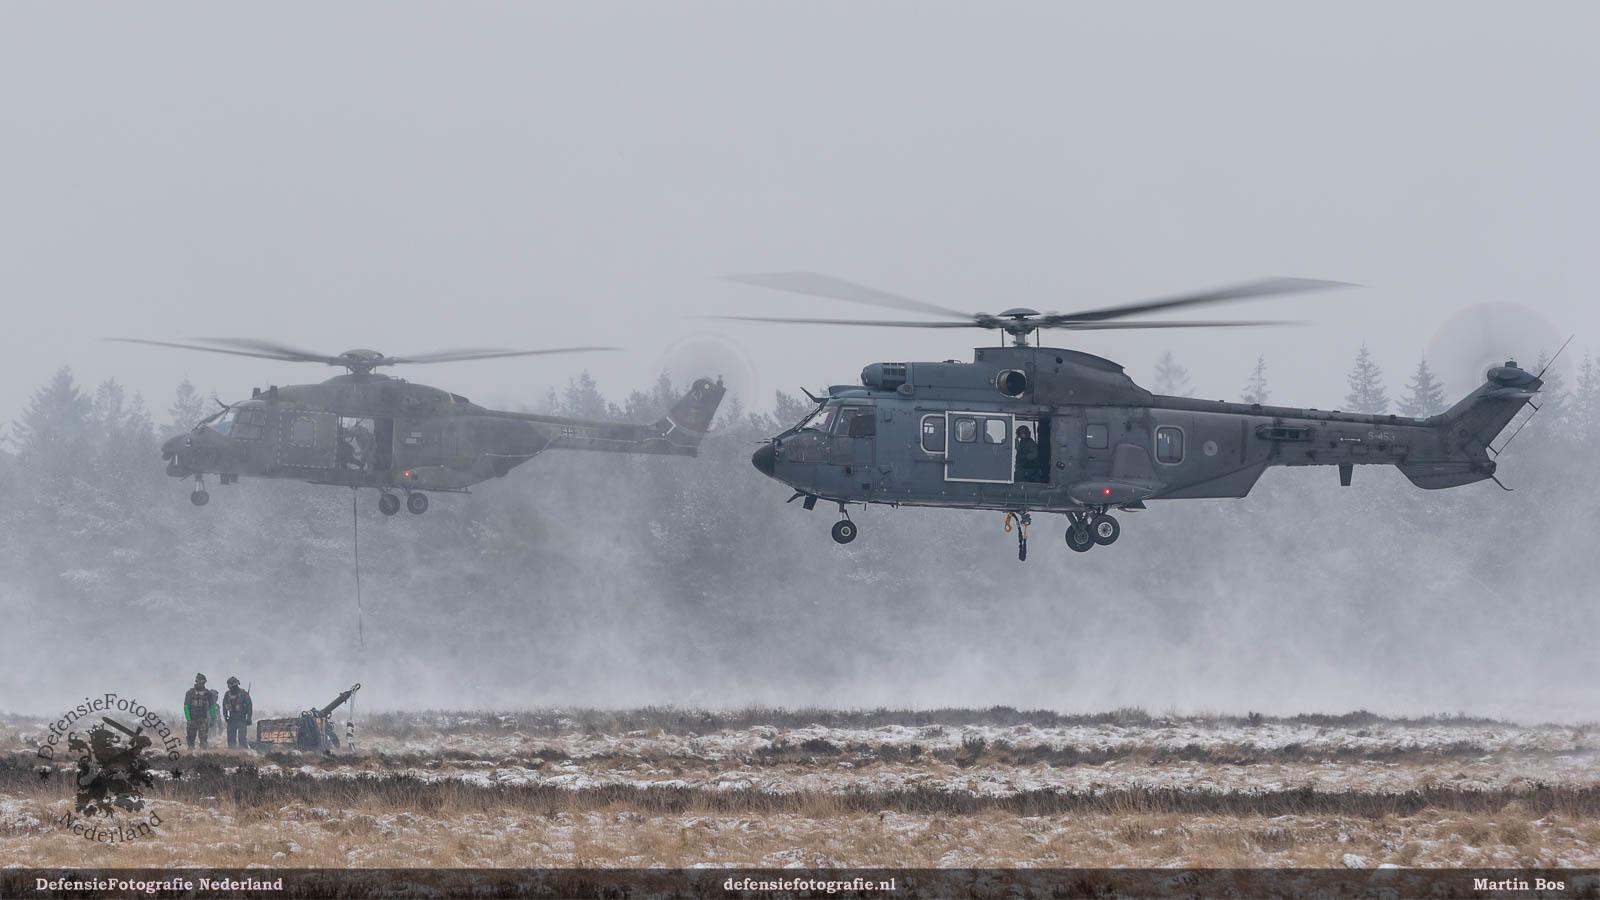 Cougar en NH90 met slingload